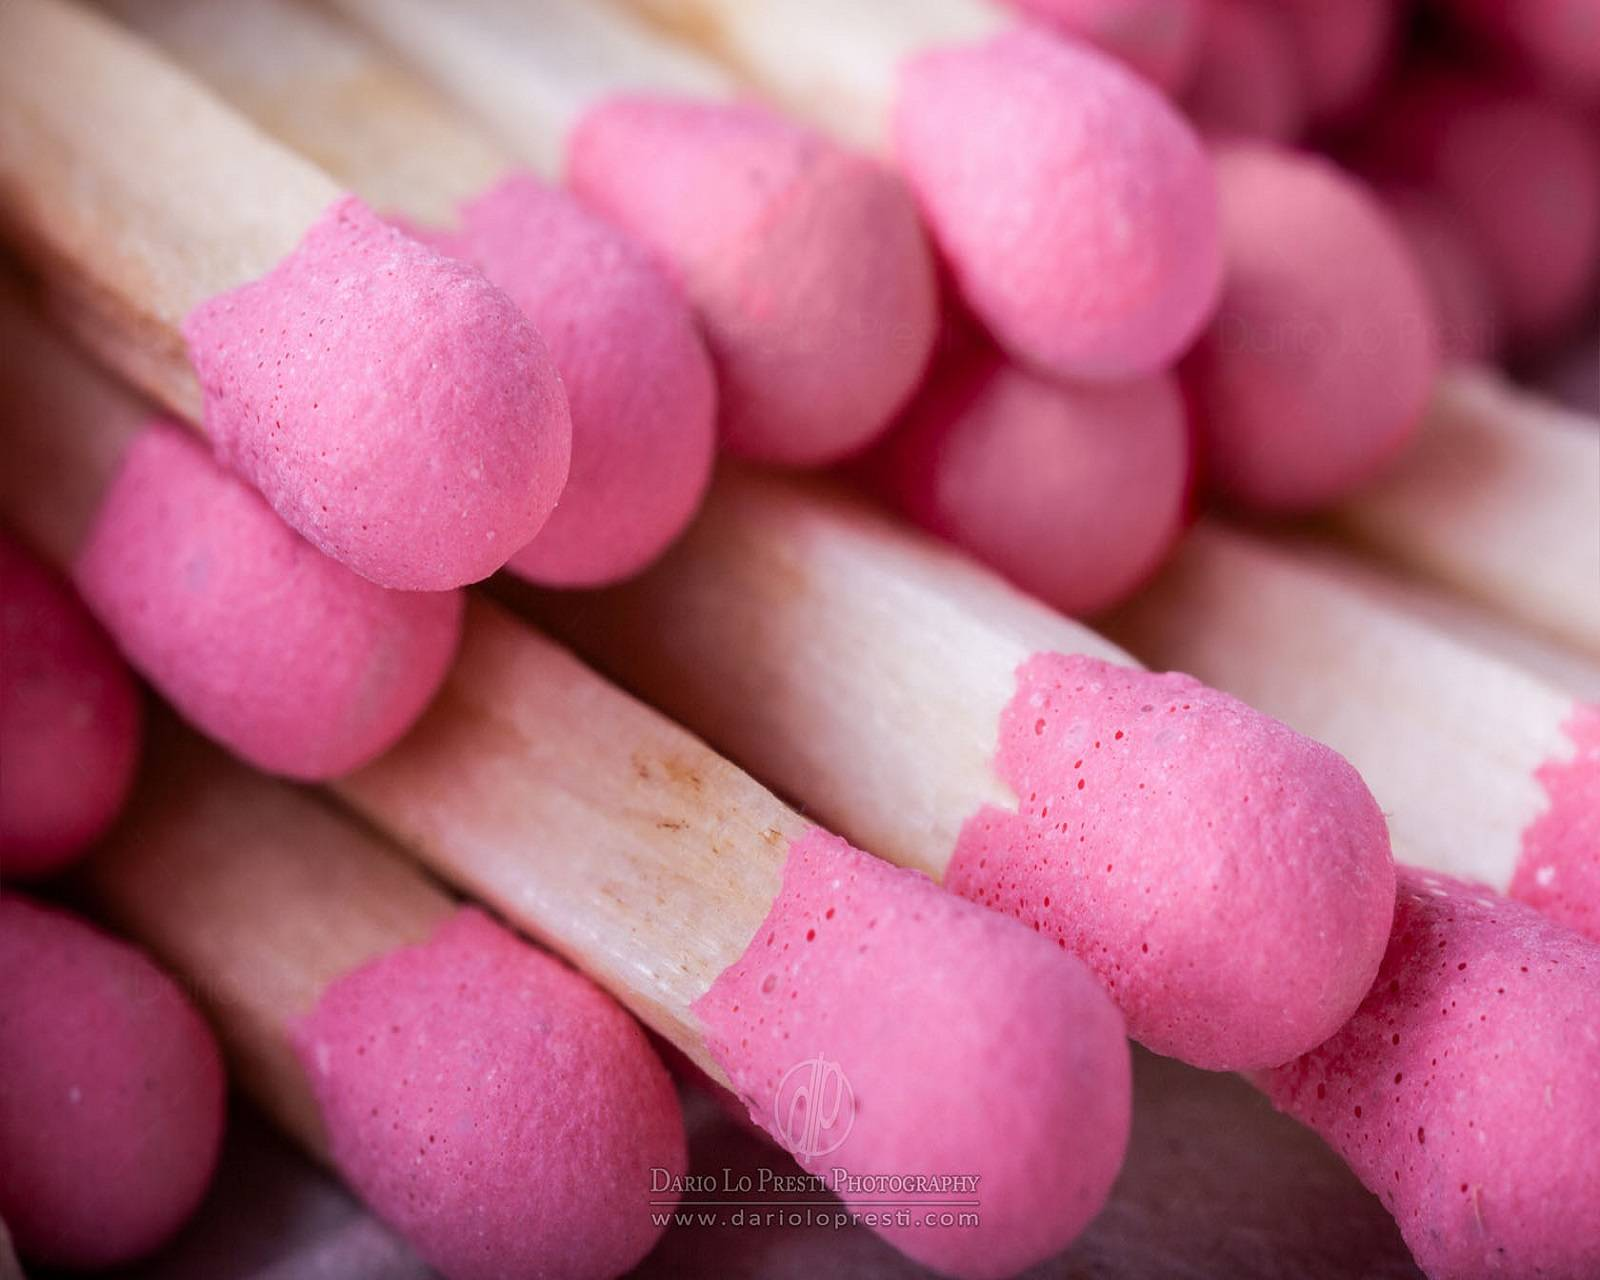 Pink match stick